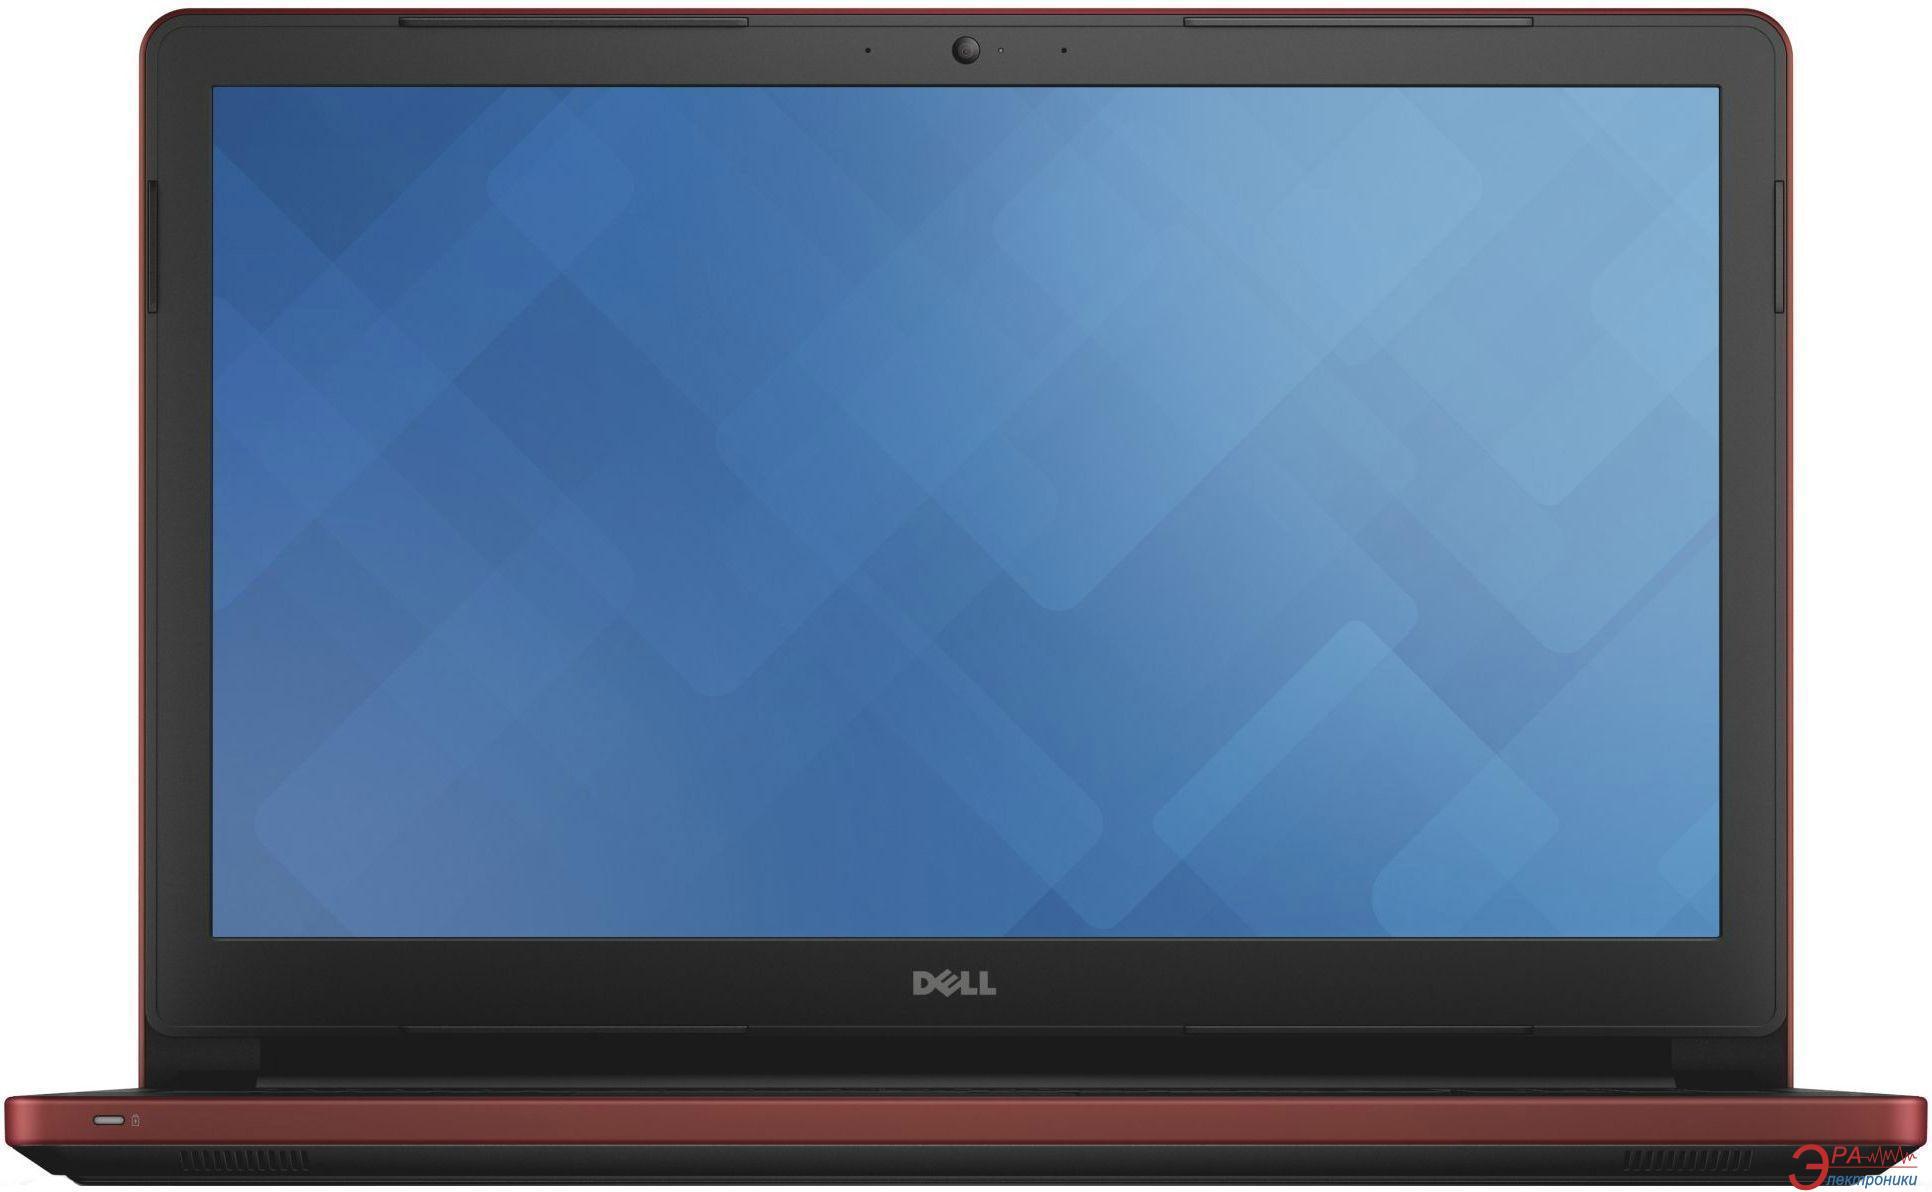 Ноутбук Dell Vostro 3559 (VAN15SKL1701_008_UBUR) Red 15,6